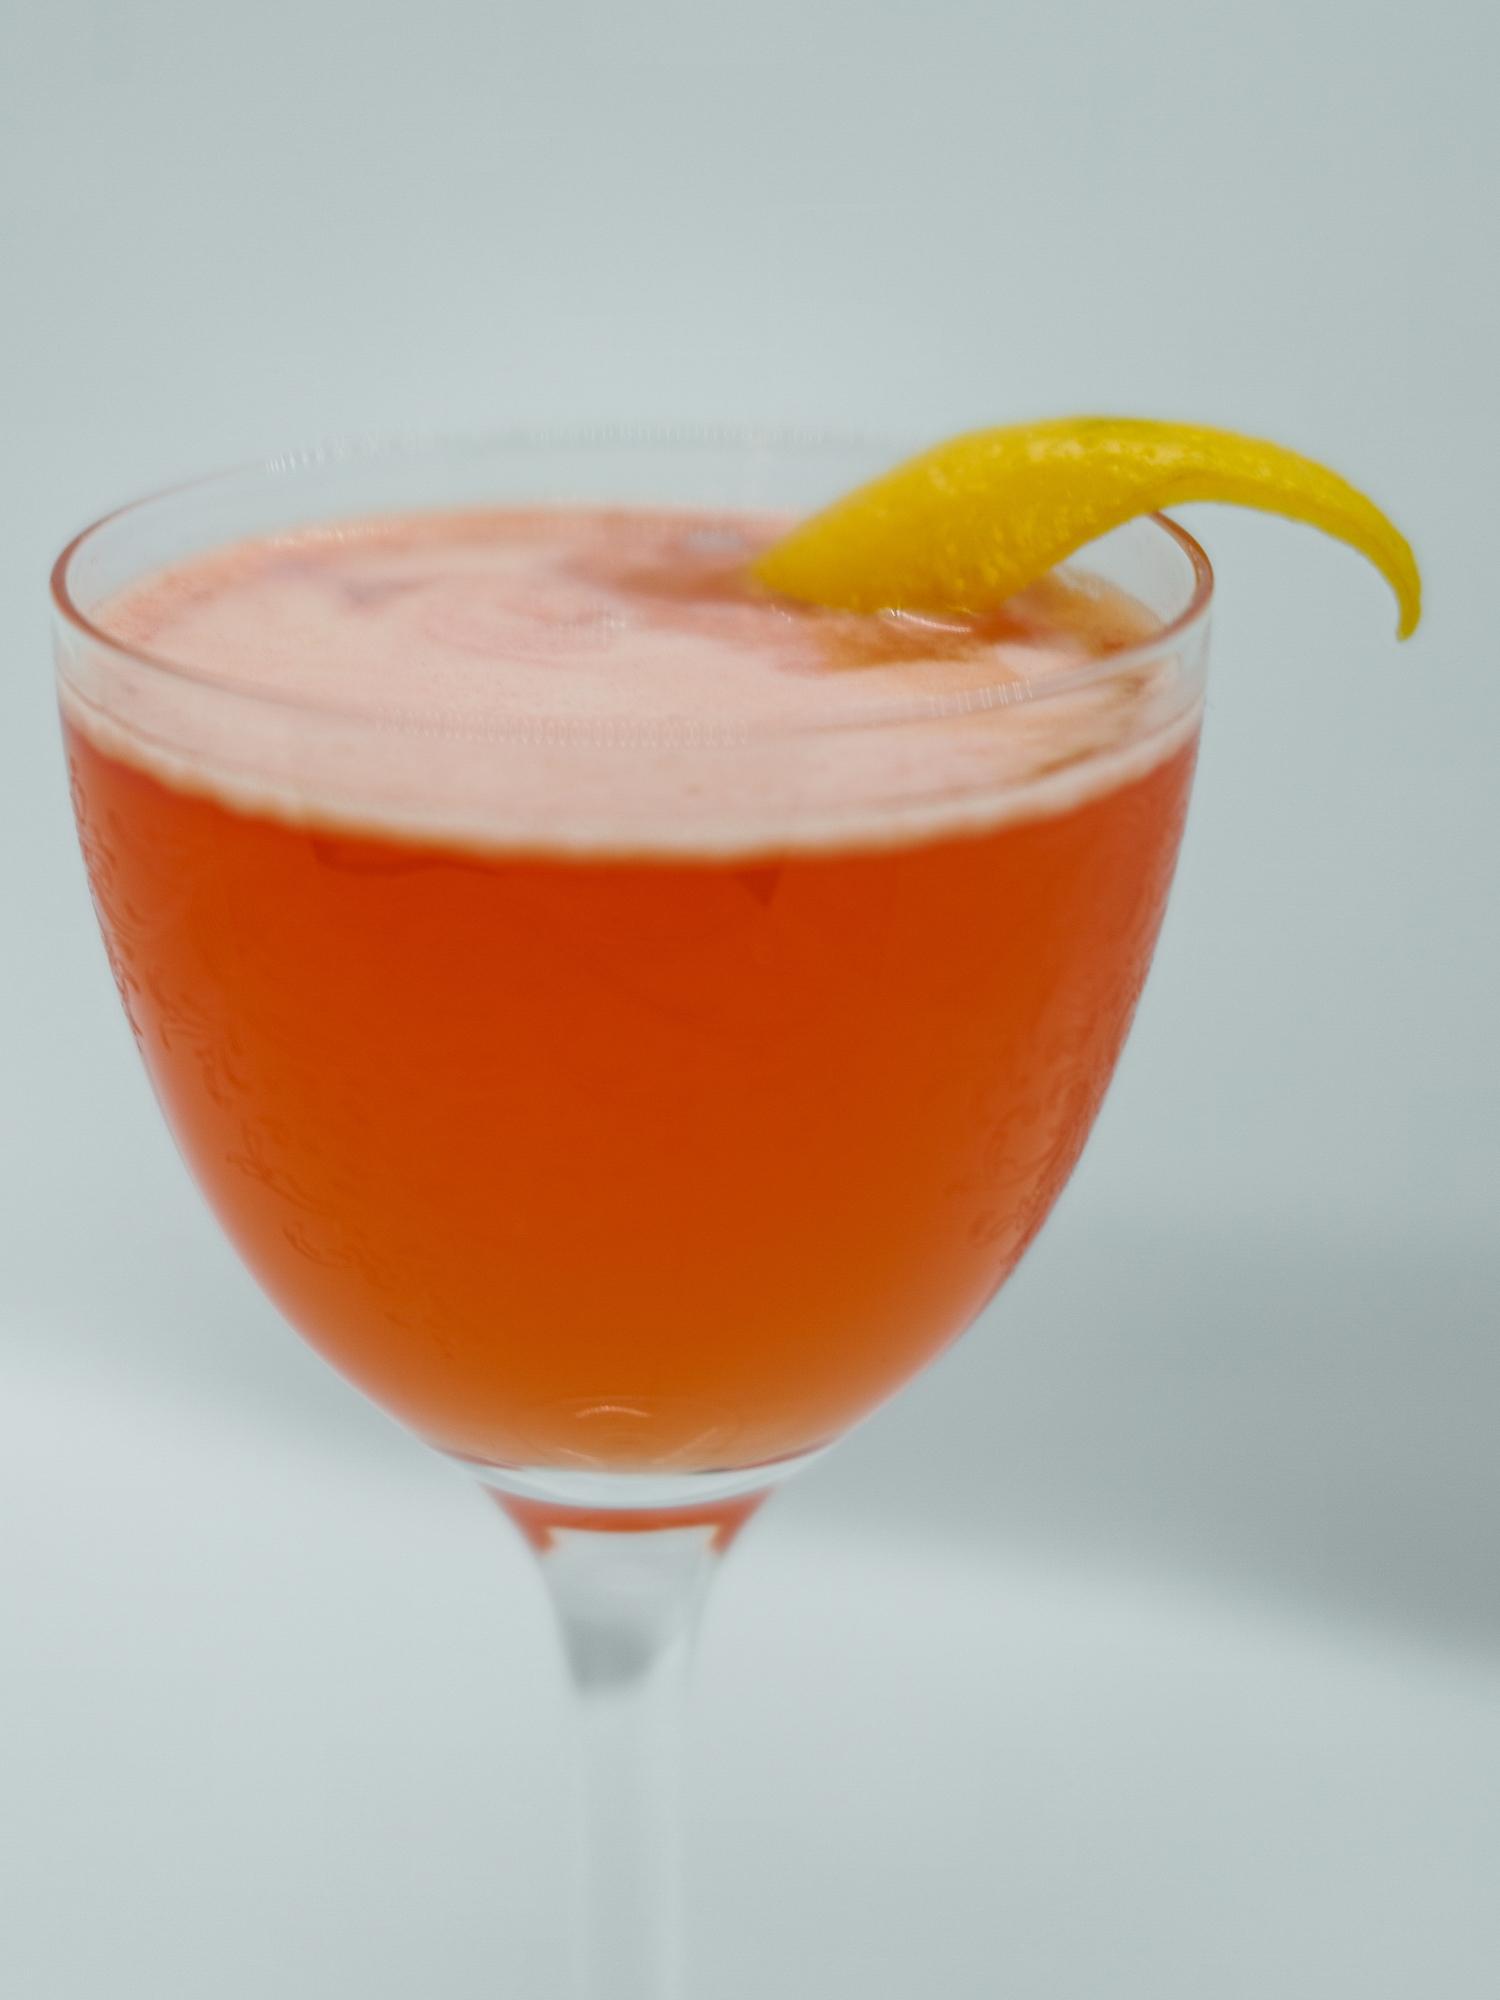 Ilegal Mezcal Cocktails - Paper Plane